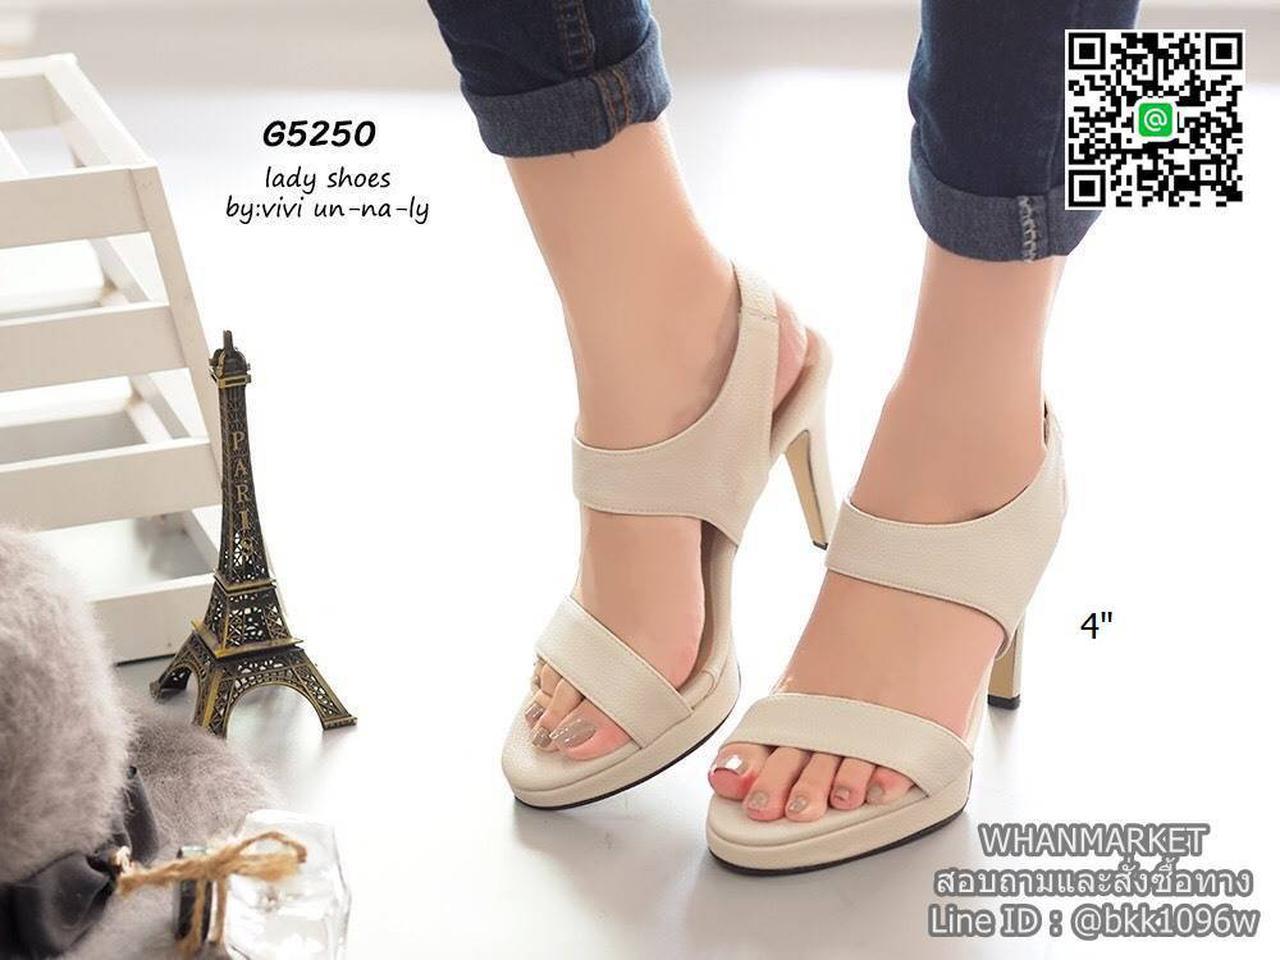 รองเท้าส้นสูงรัดส้น สายรัดแบบยางยืด ทรงสวยมากๆๆๆ เสริมหน้า 0.5 นิ้ว ความสูง 4 นิ้ว รูปที่ 1